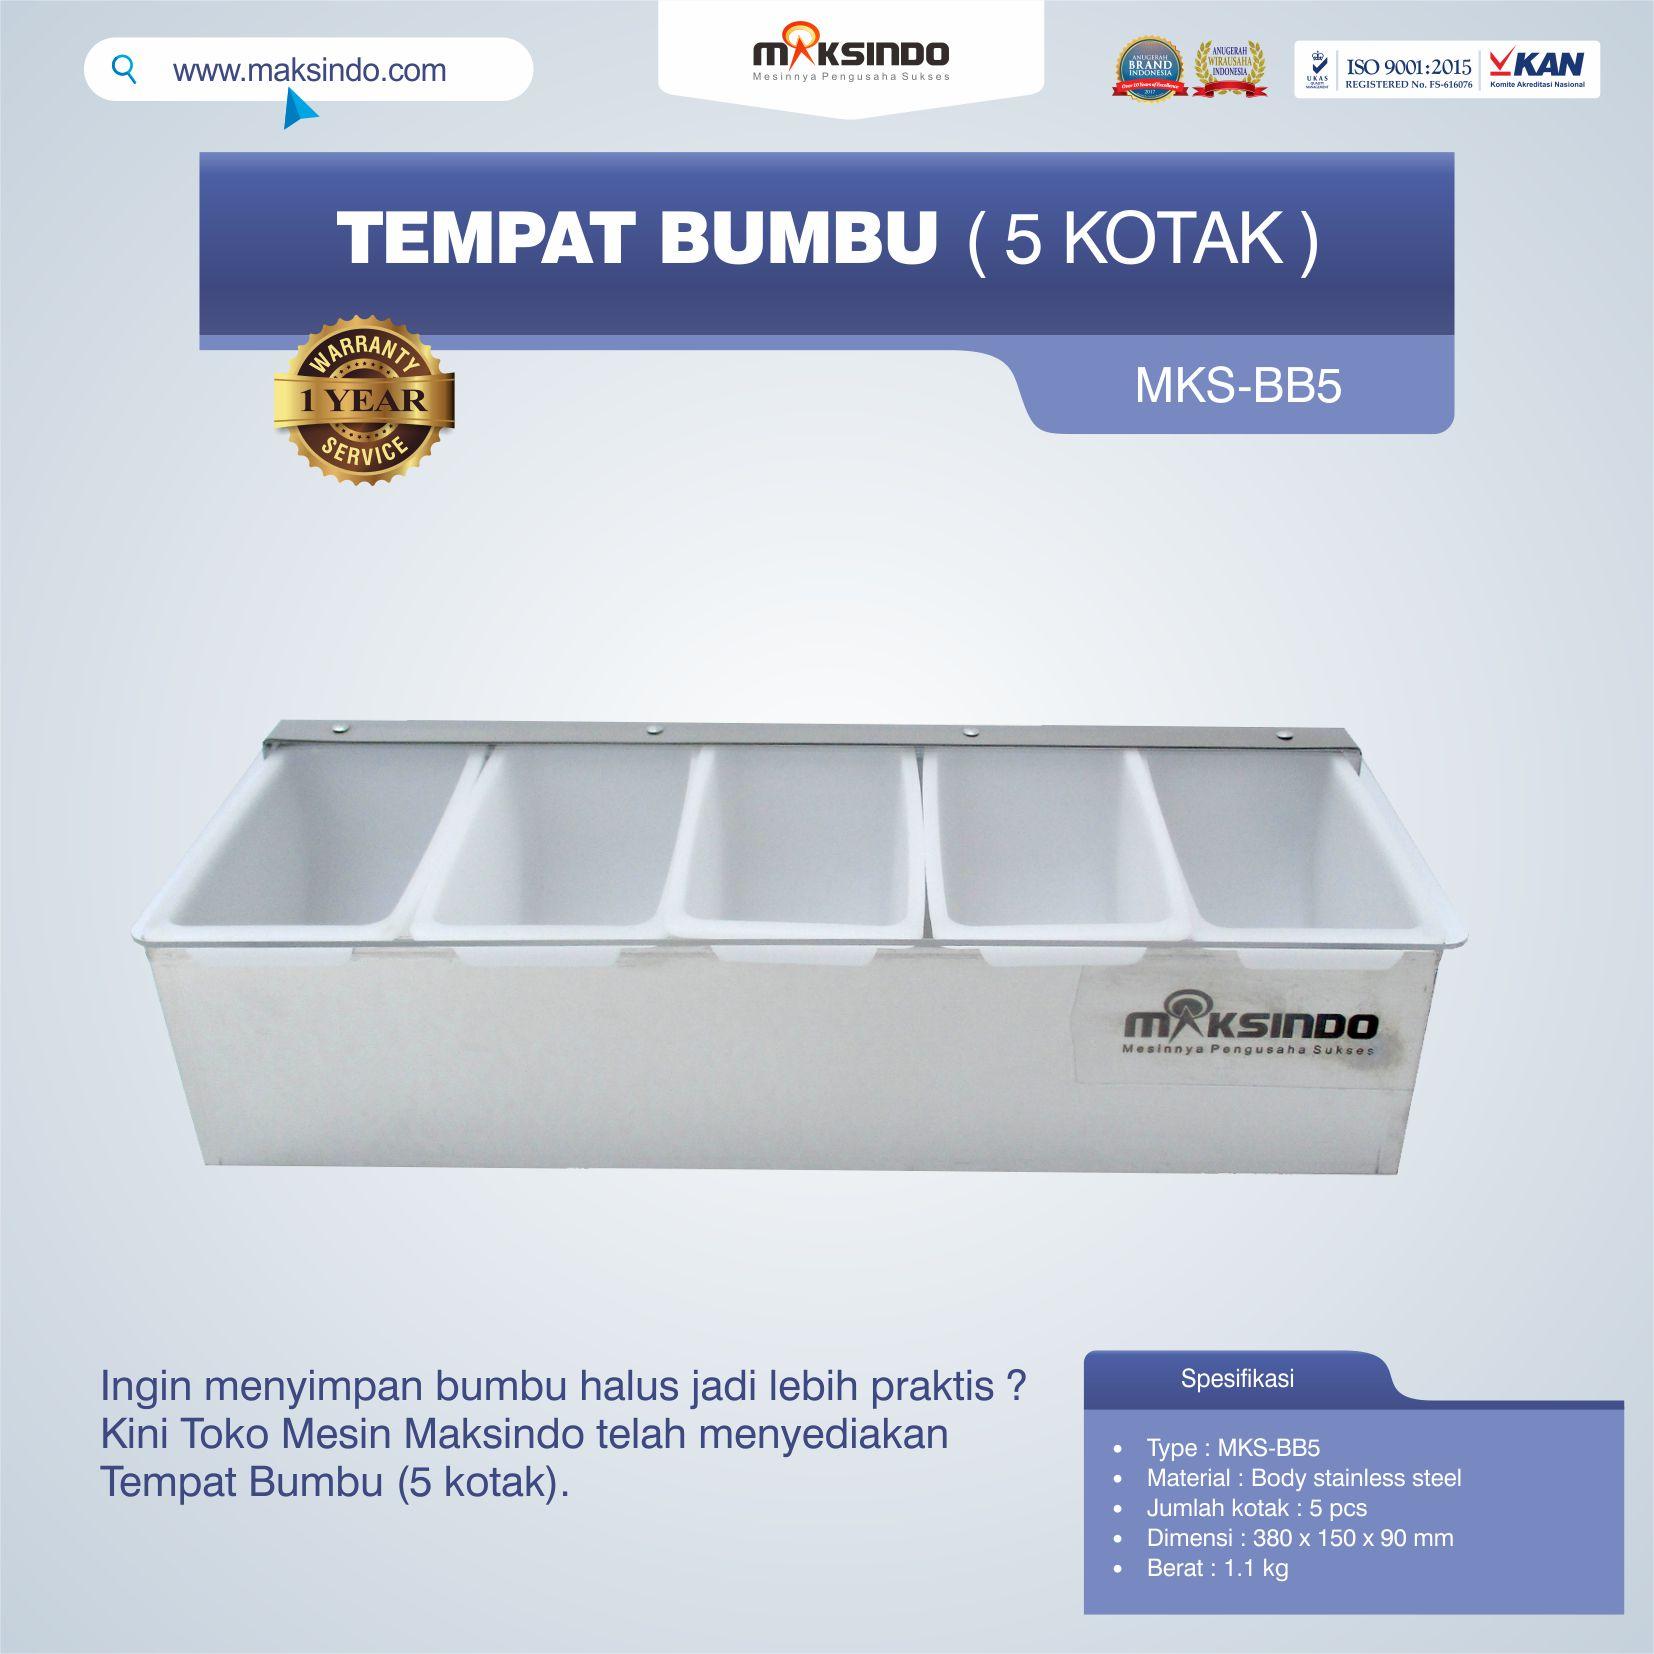 Jual Tempat Bumbu (5 kotak) di Bogor